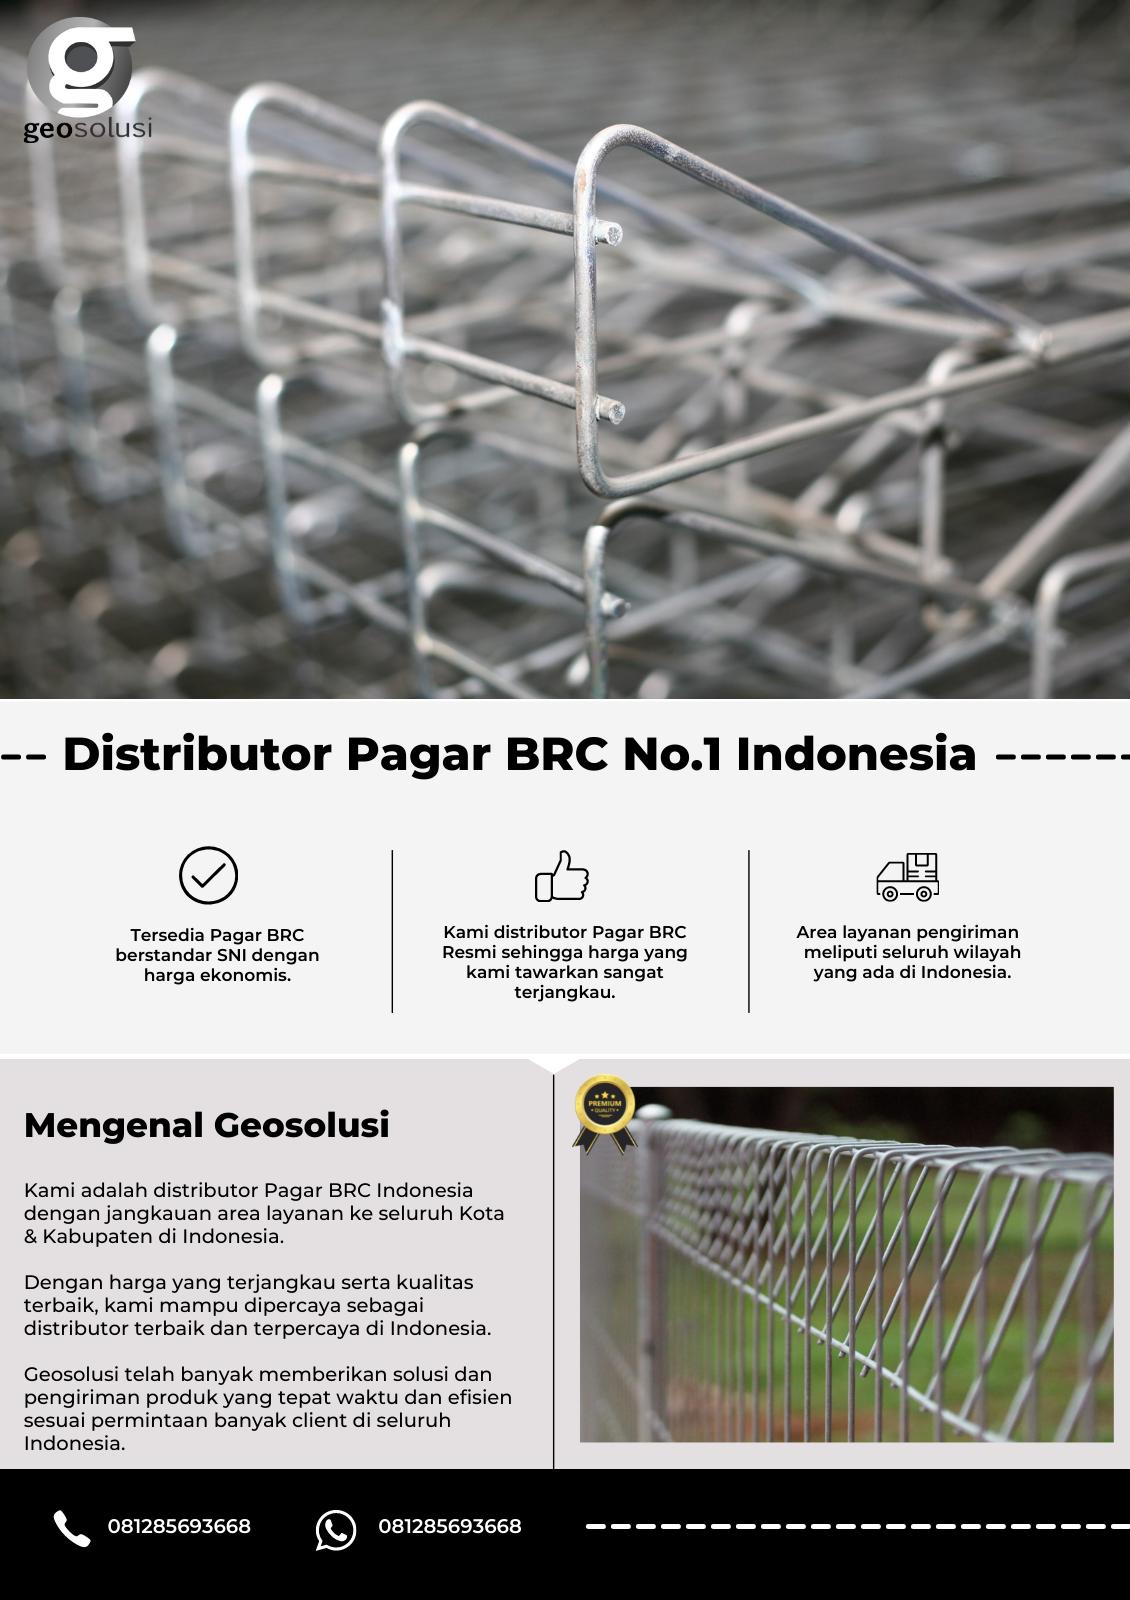 Distributor Pagar BRC No.1 Indonesia